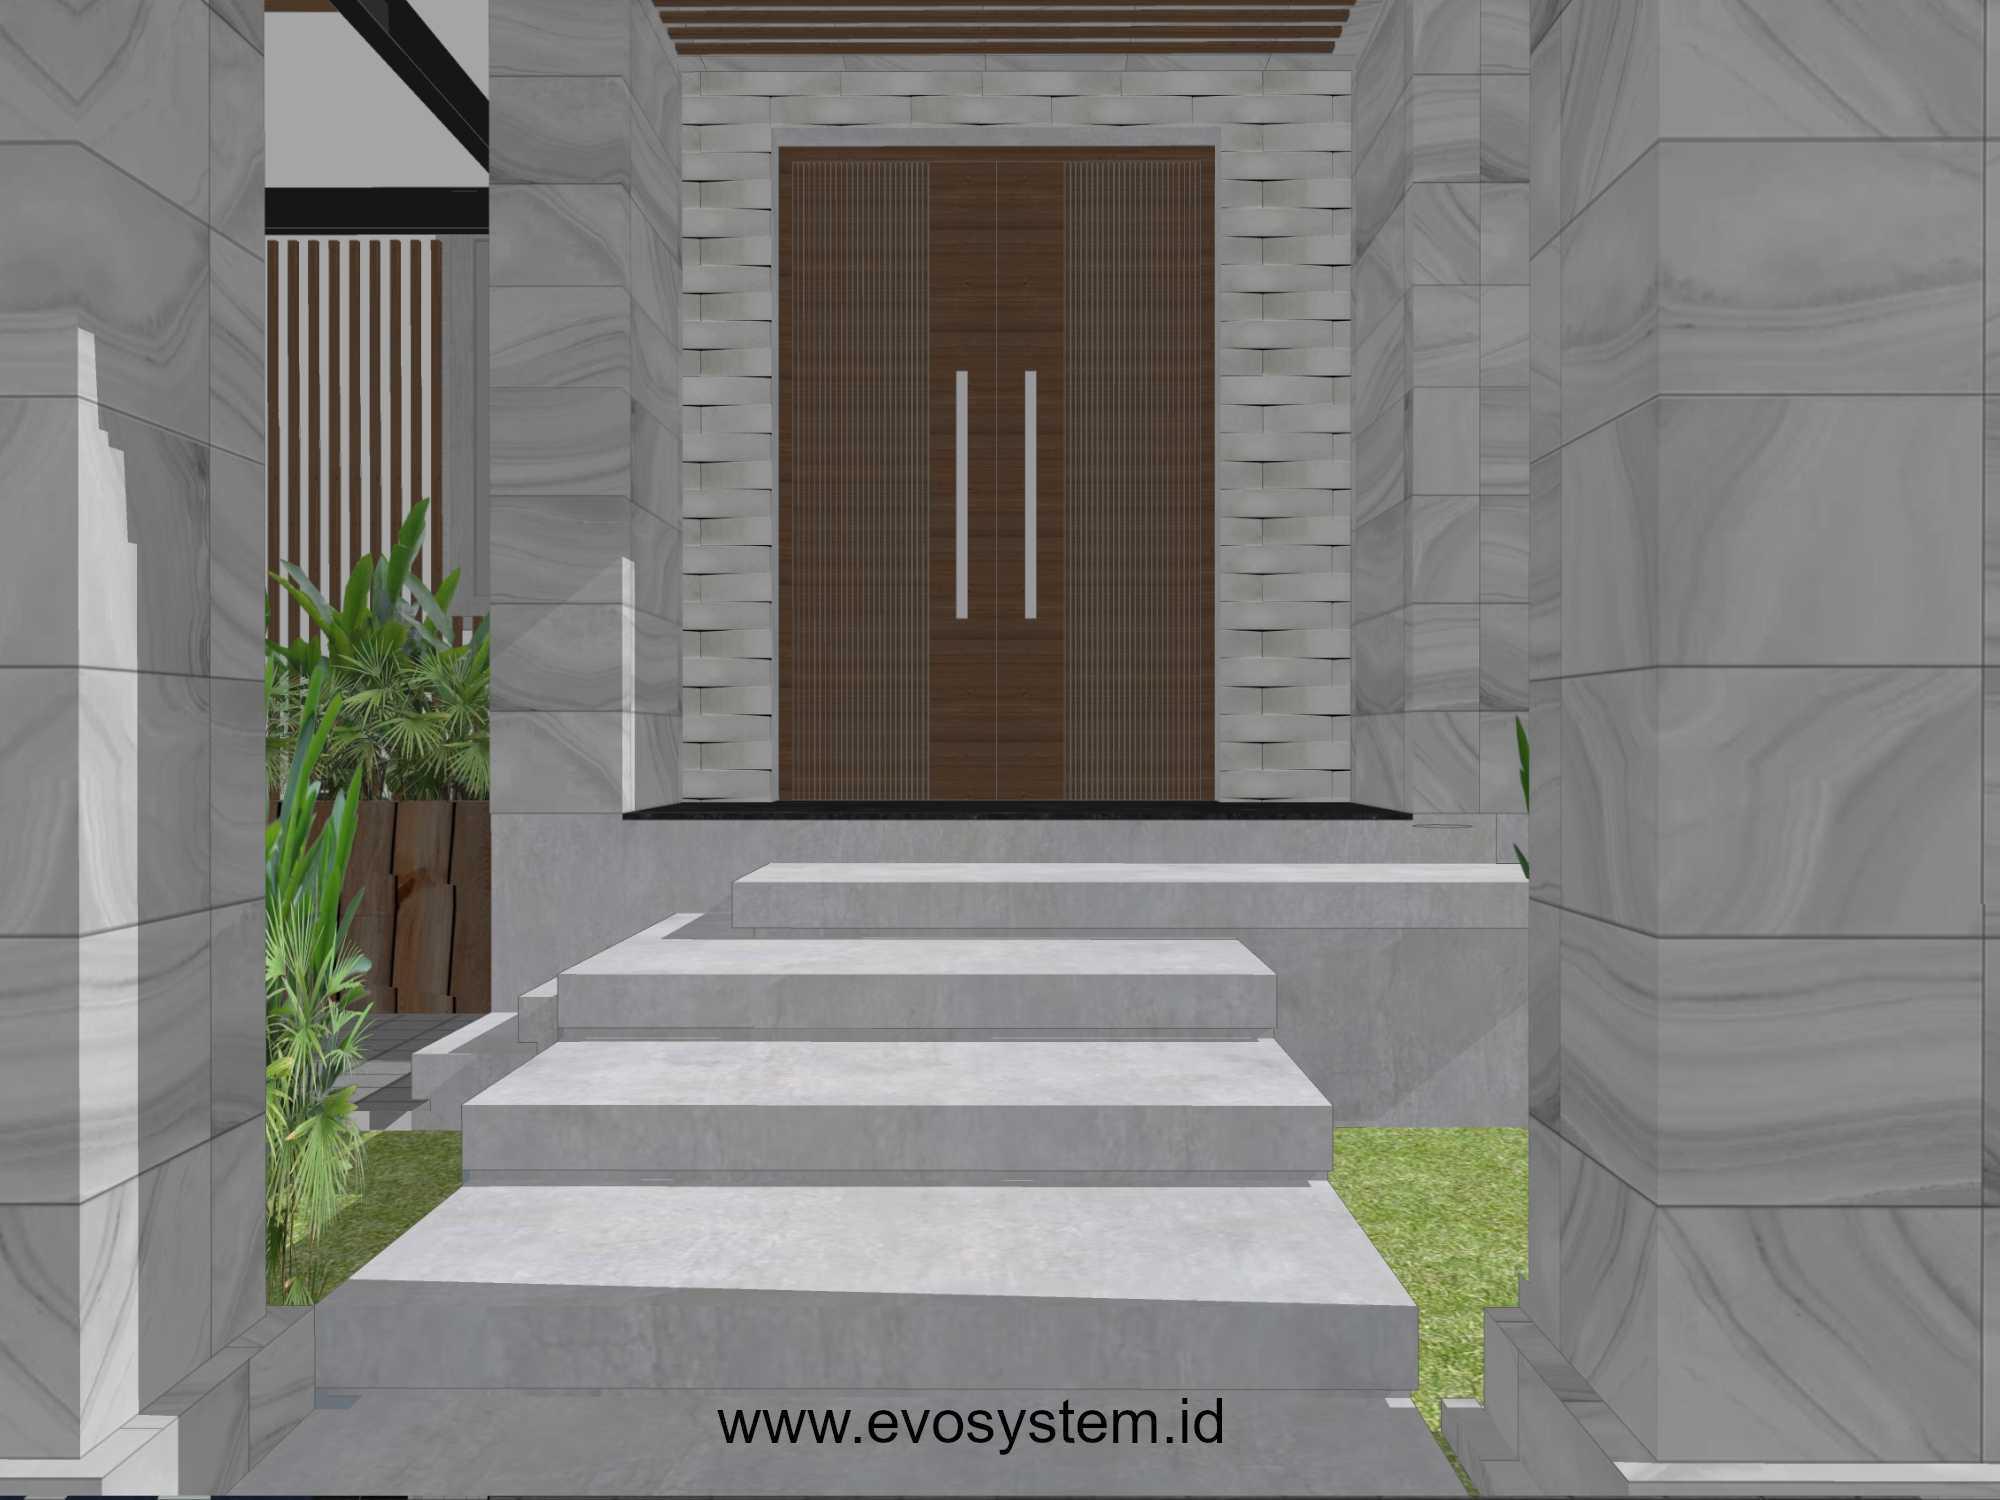 Evosystem Bm House Cikarang, Bekasi, Jawa Barat, Indonesia Cikarang, Bekasi, Jawa Barat, Indonesia Evo-System-Bm-House   92392